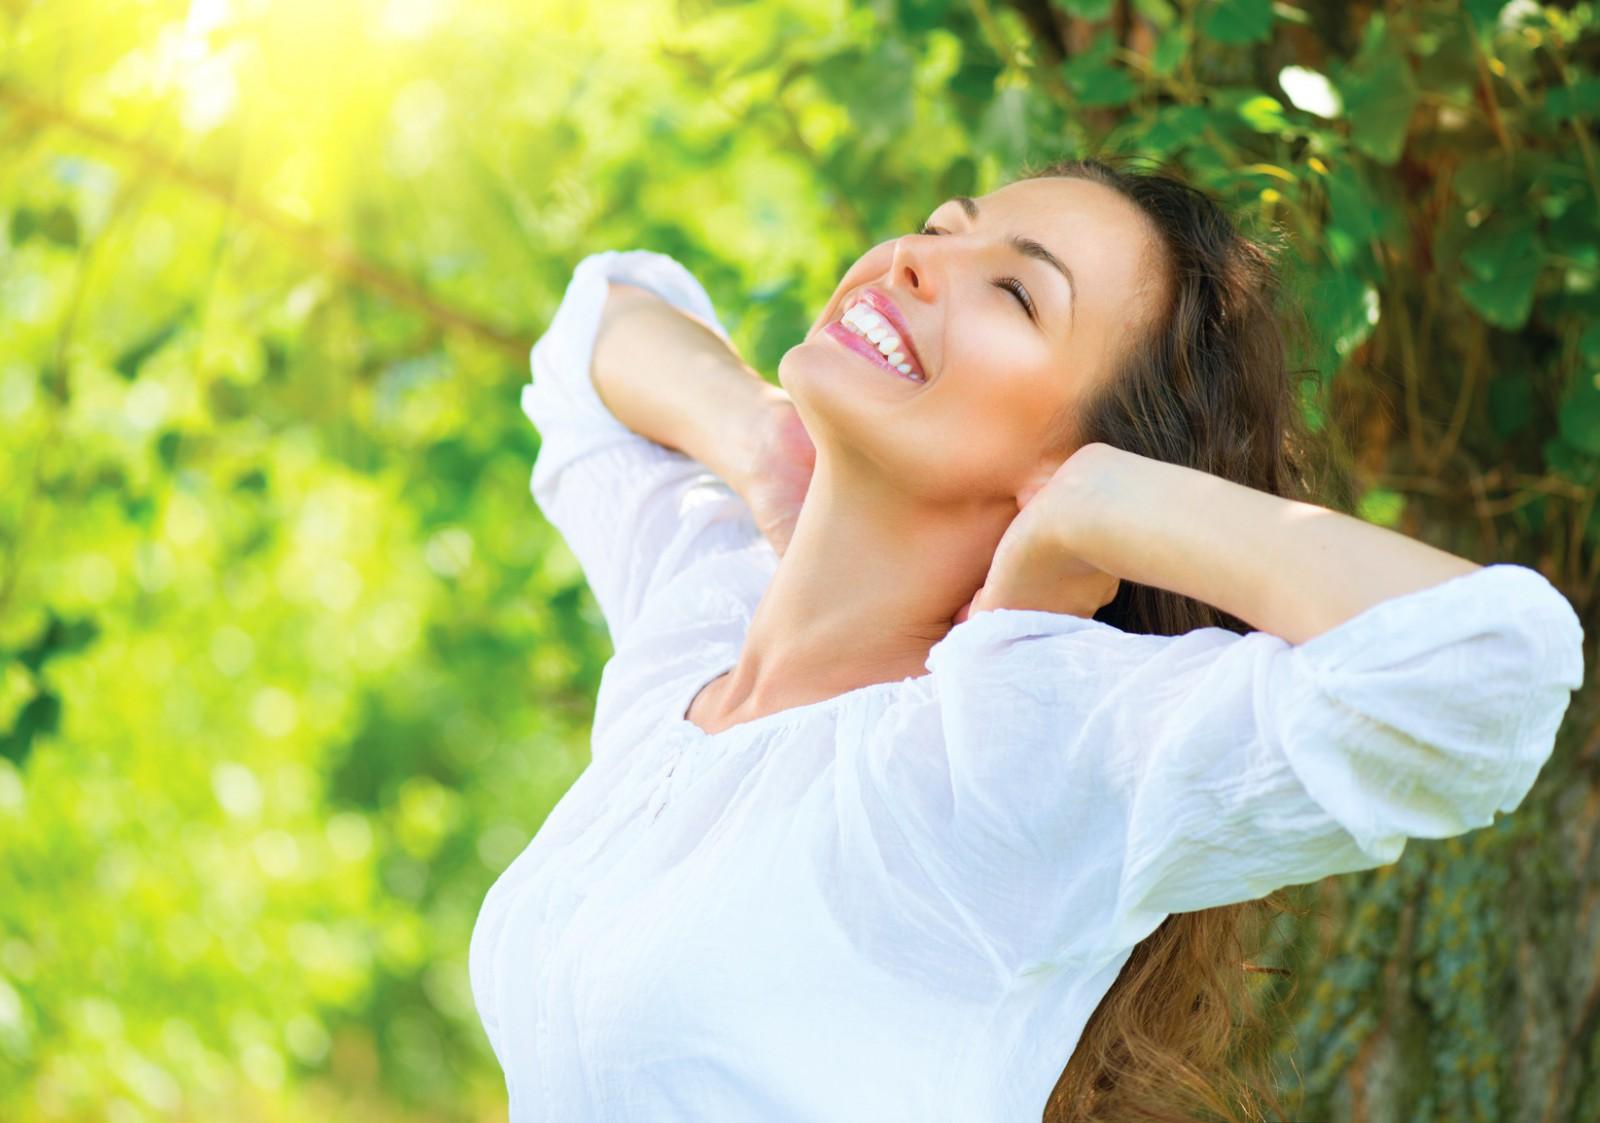 Счастливая женщина — её портрет